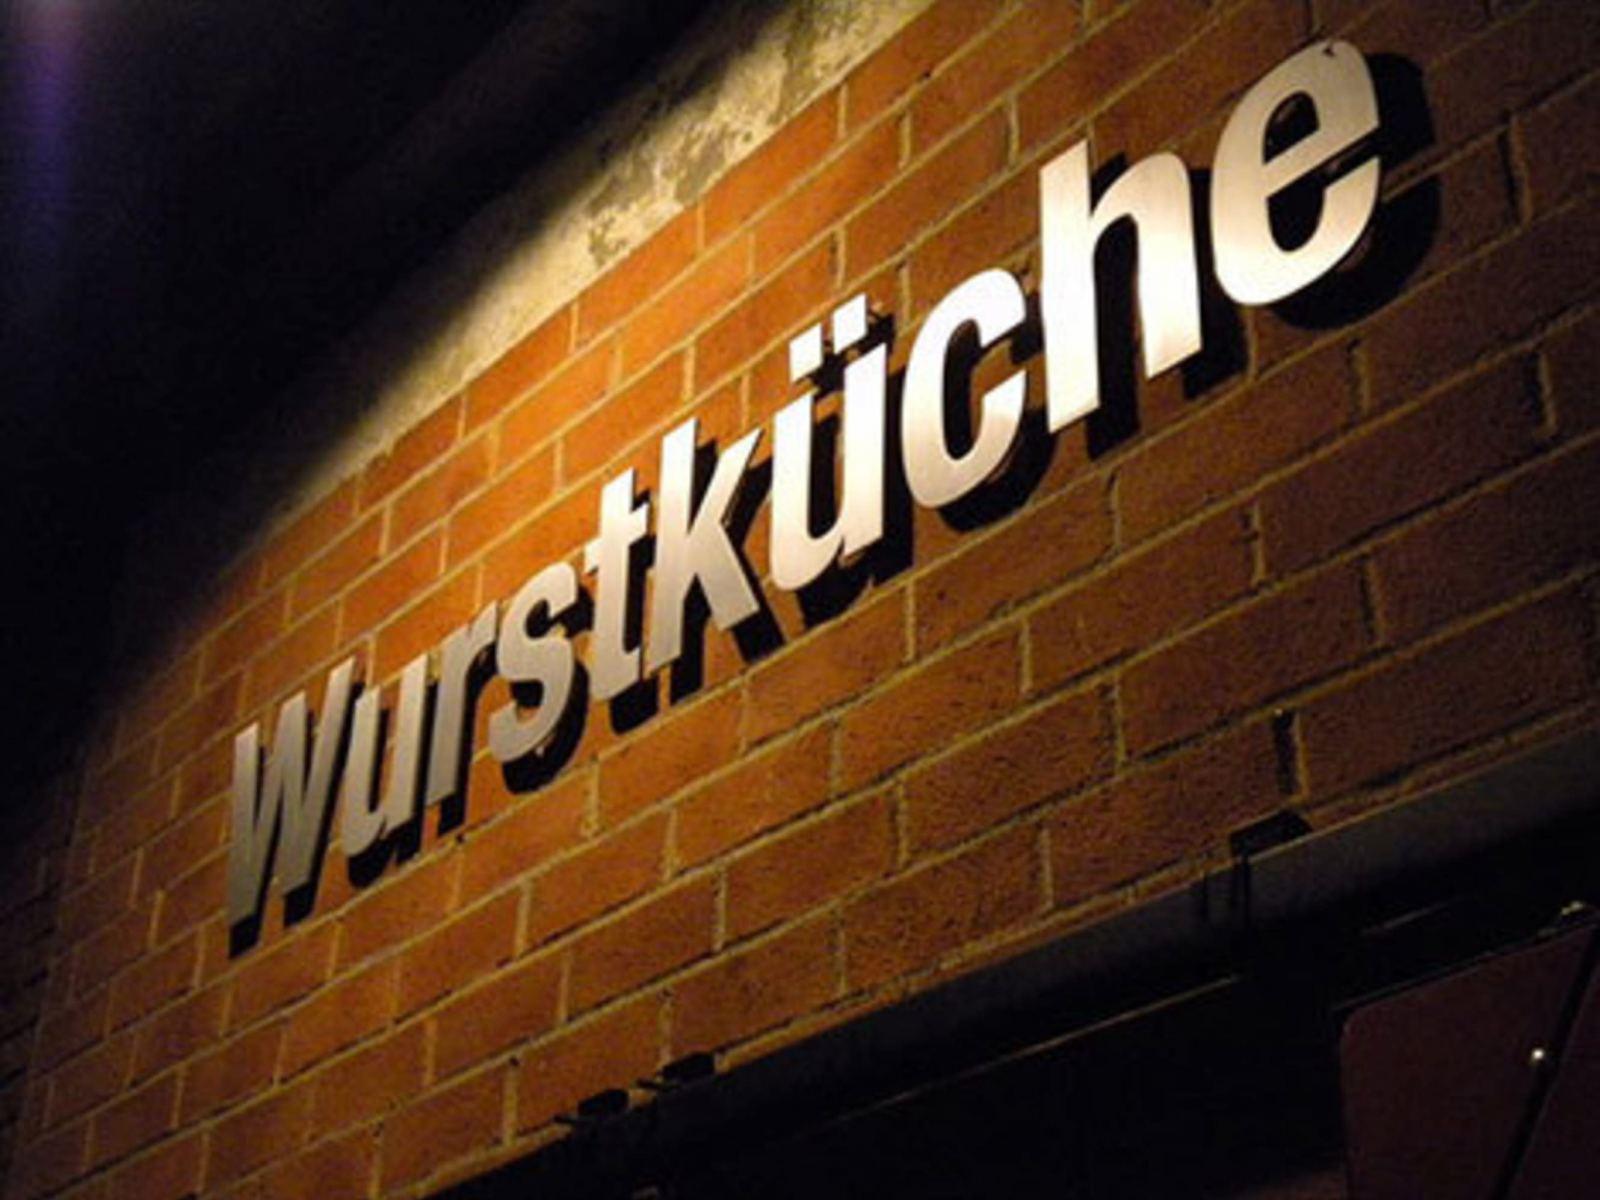 Wurstkuche - Downtown